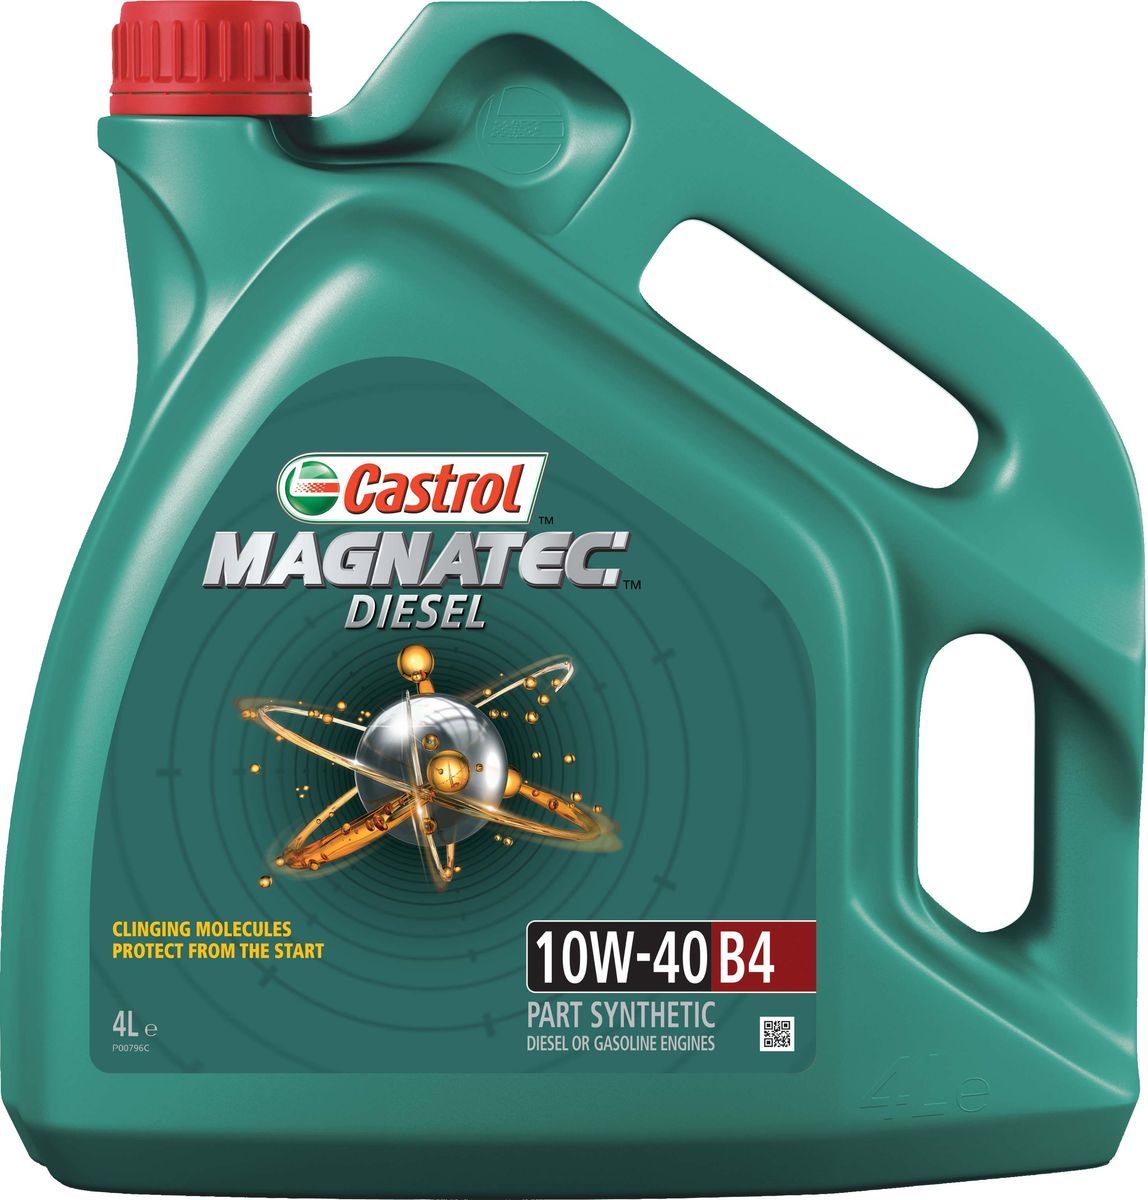 """Масло моторное Castrol """"Magnatec Diesel"""", полусинтетическое, класс вязкости 10W-40, B4, 4 л"""